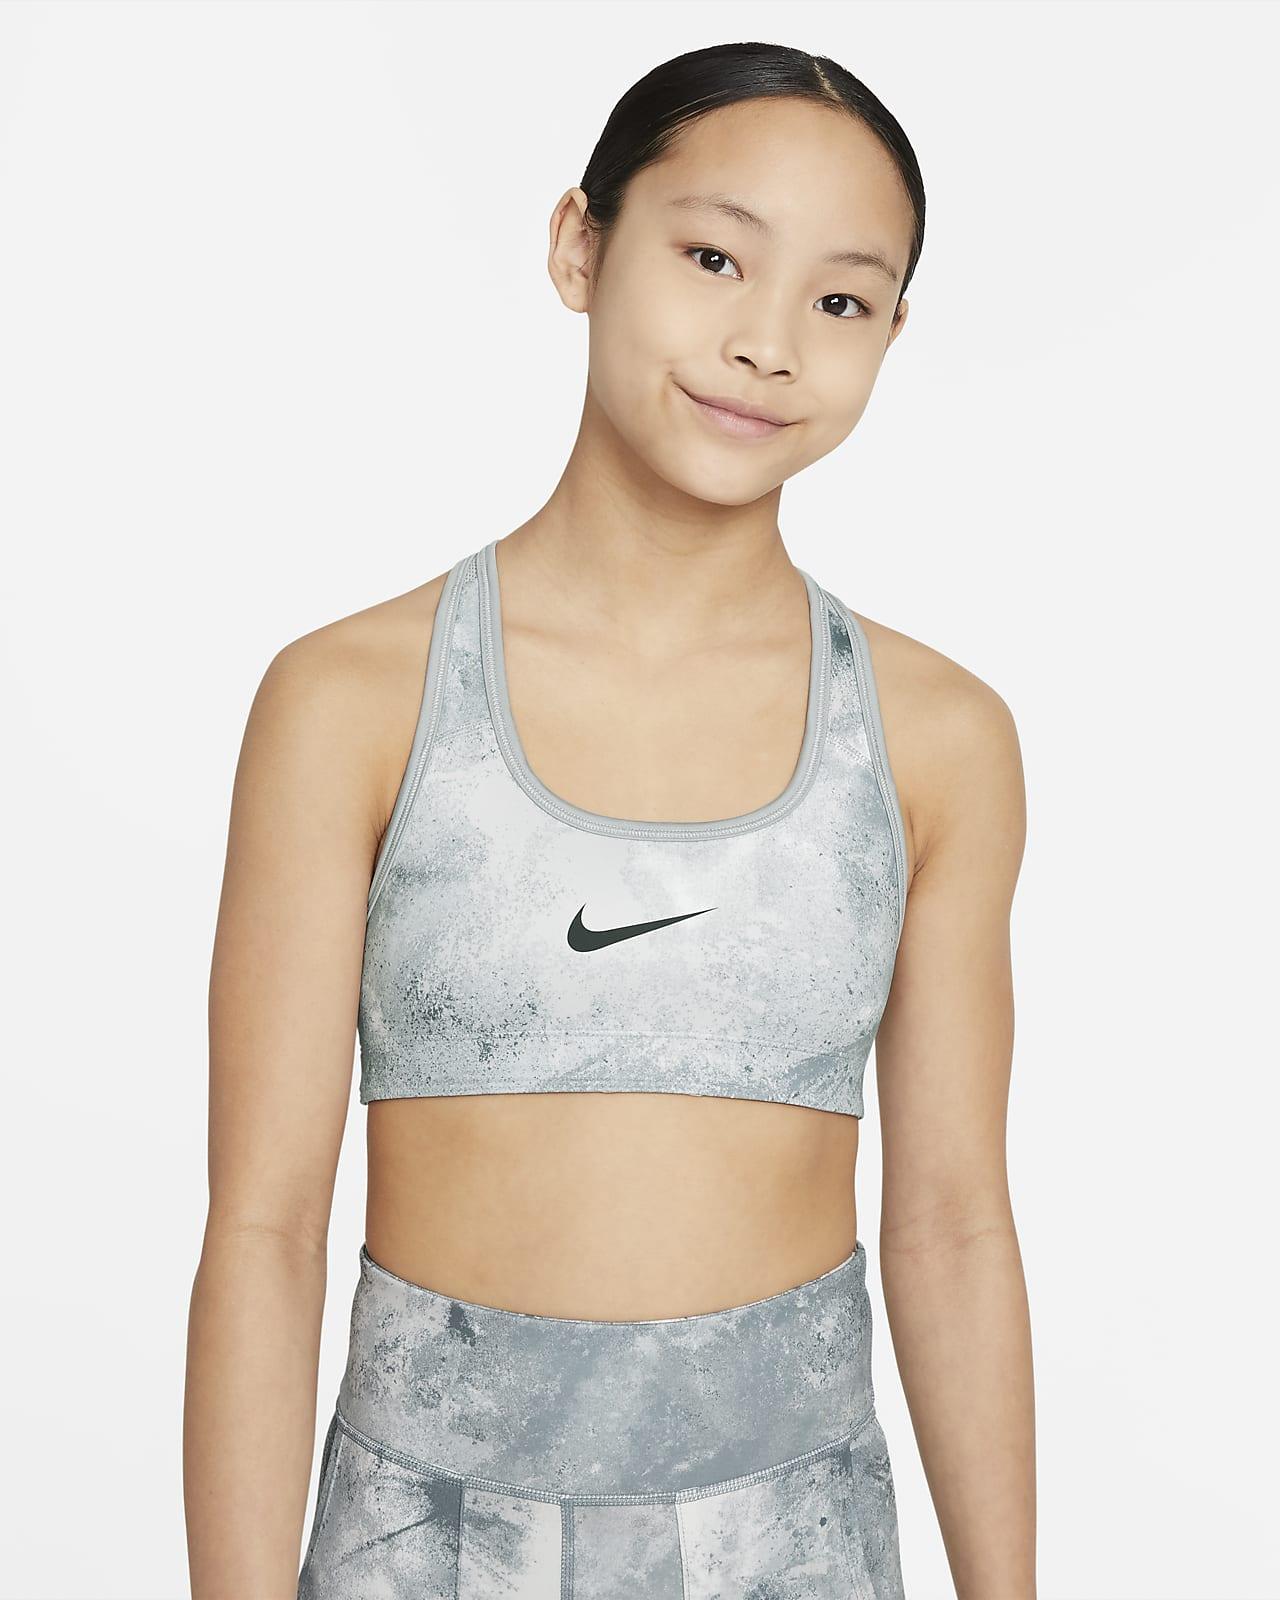 Εμπριμέ αθλητικός στηθόδεσμος διπλής όψης με εφέ tie-dye Nike Swoosh για μεγάλα κορίτσια